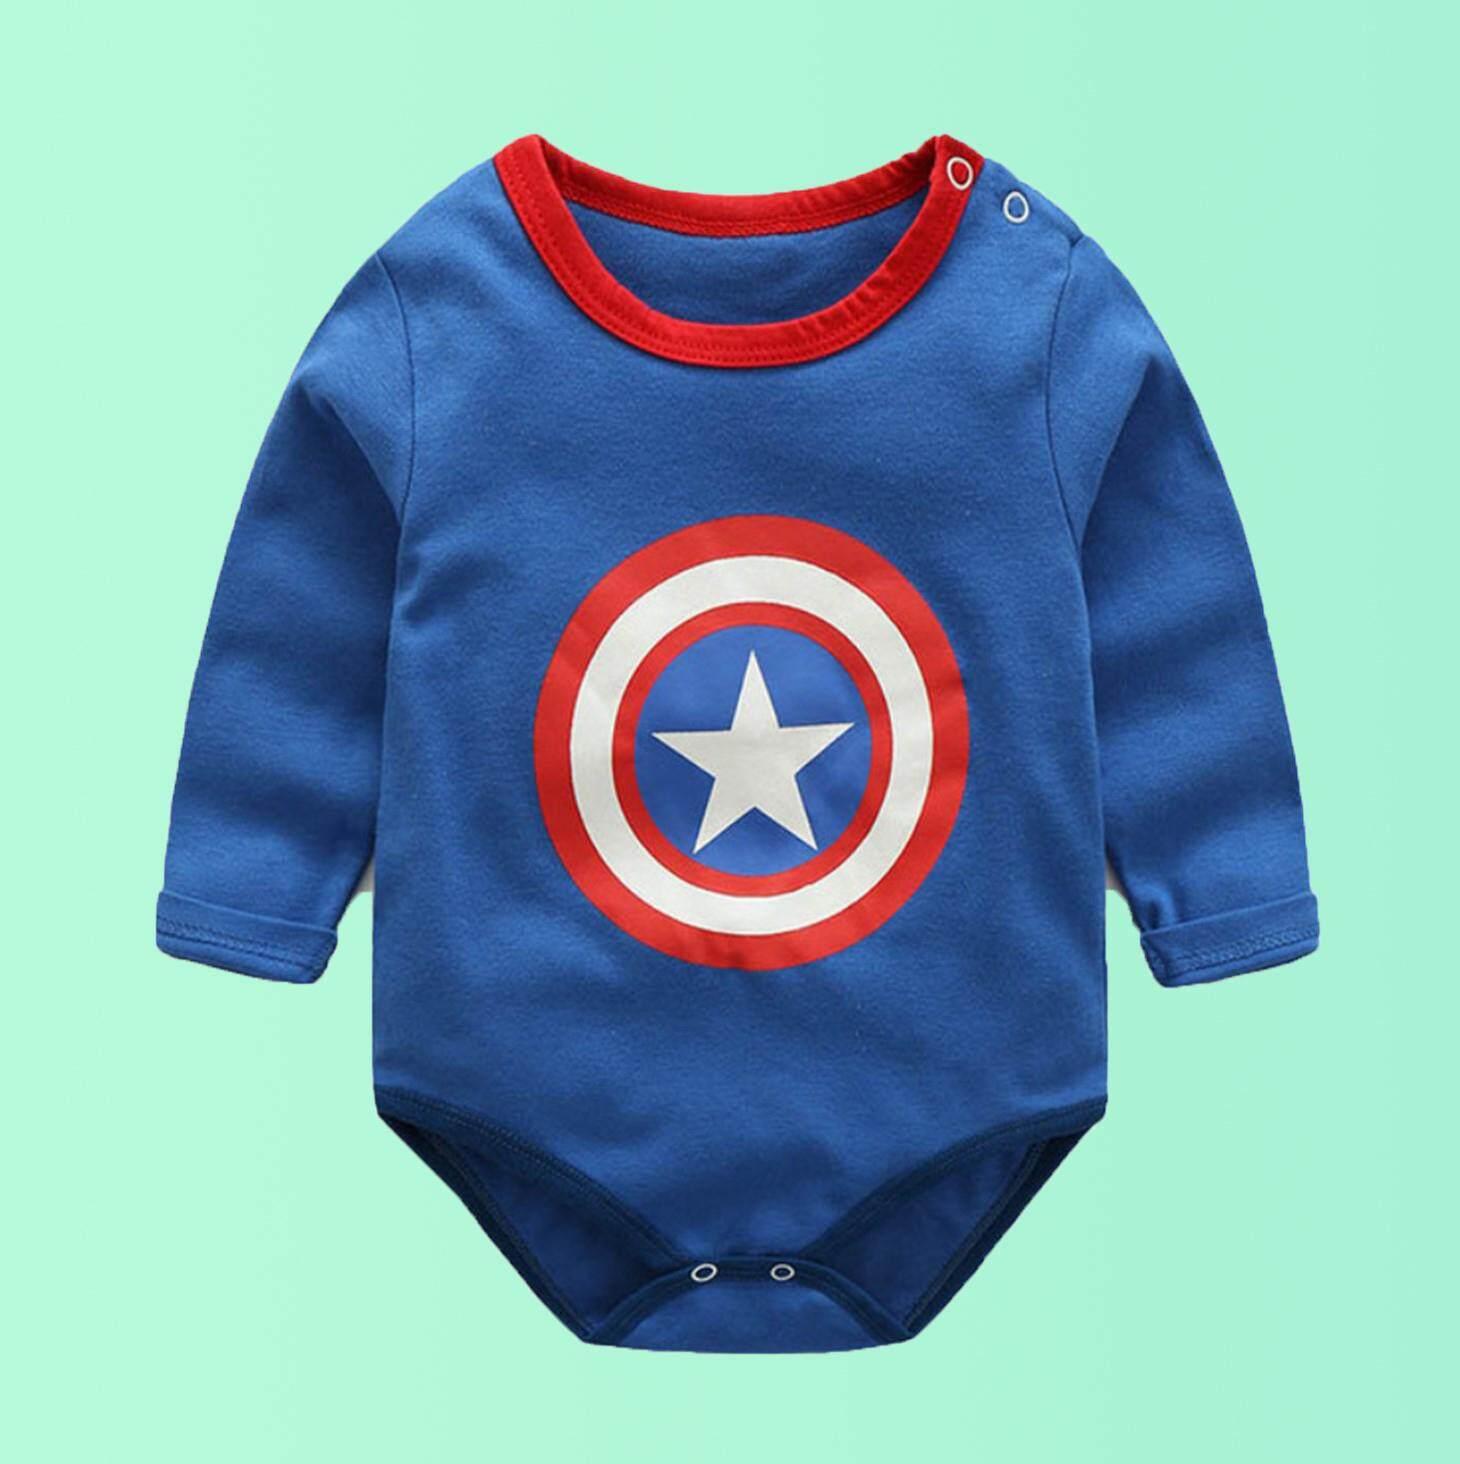 บอดี้สูทเด็ก Captain สีน้ำเงิน .